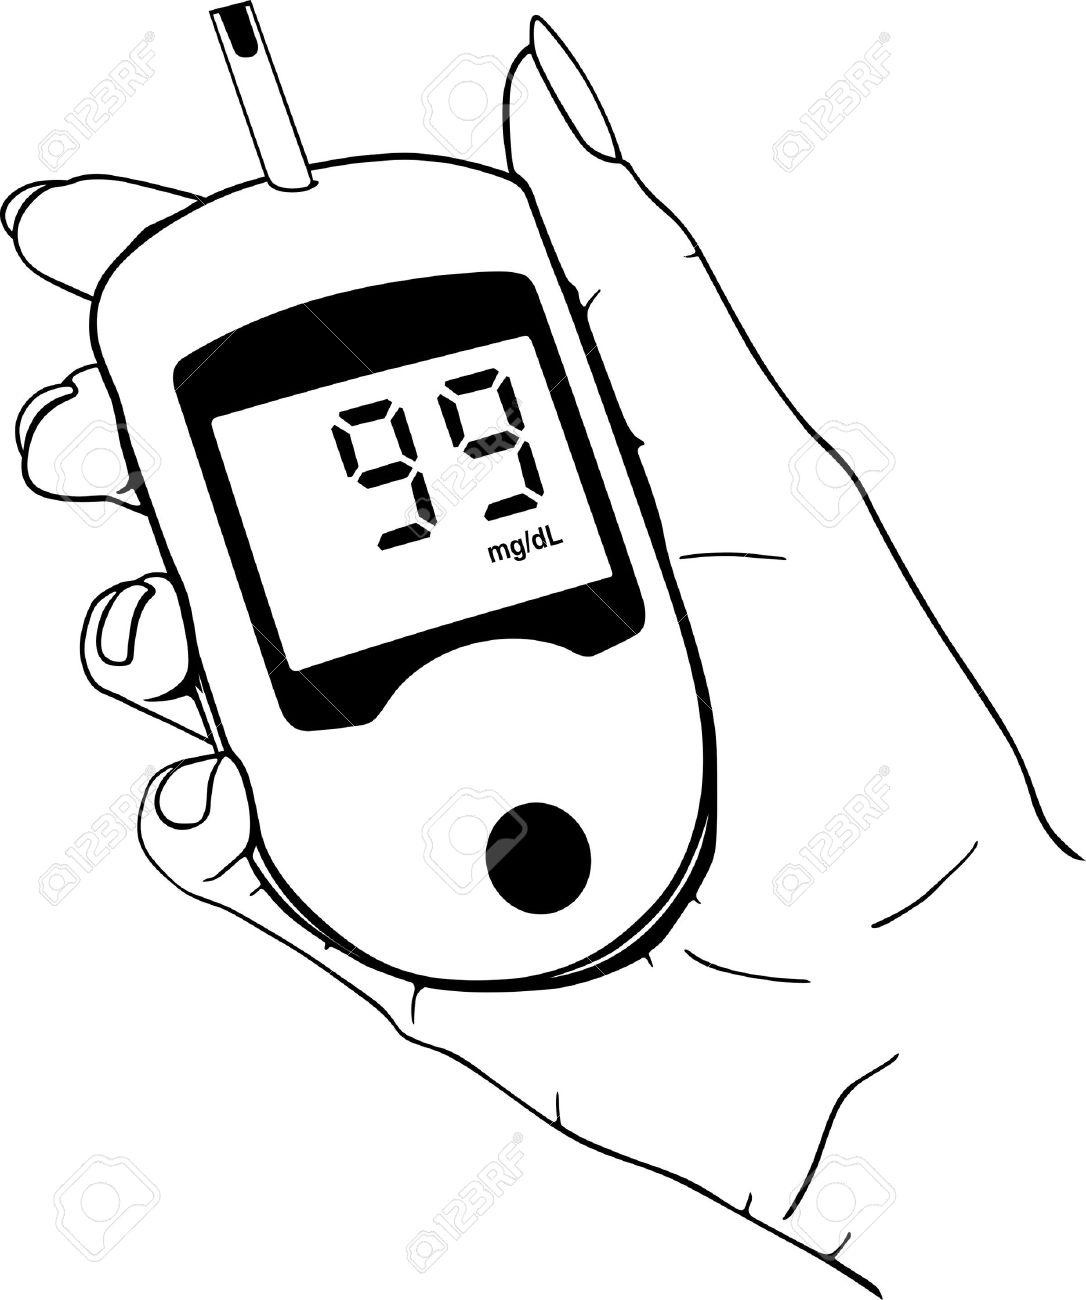 glucose  Home glucose ...